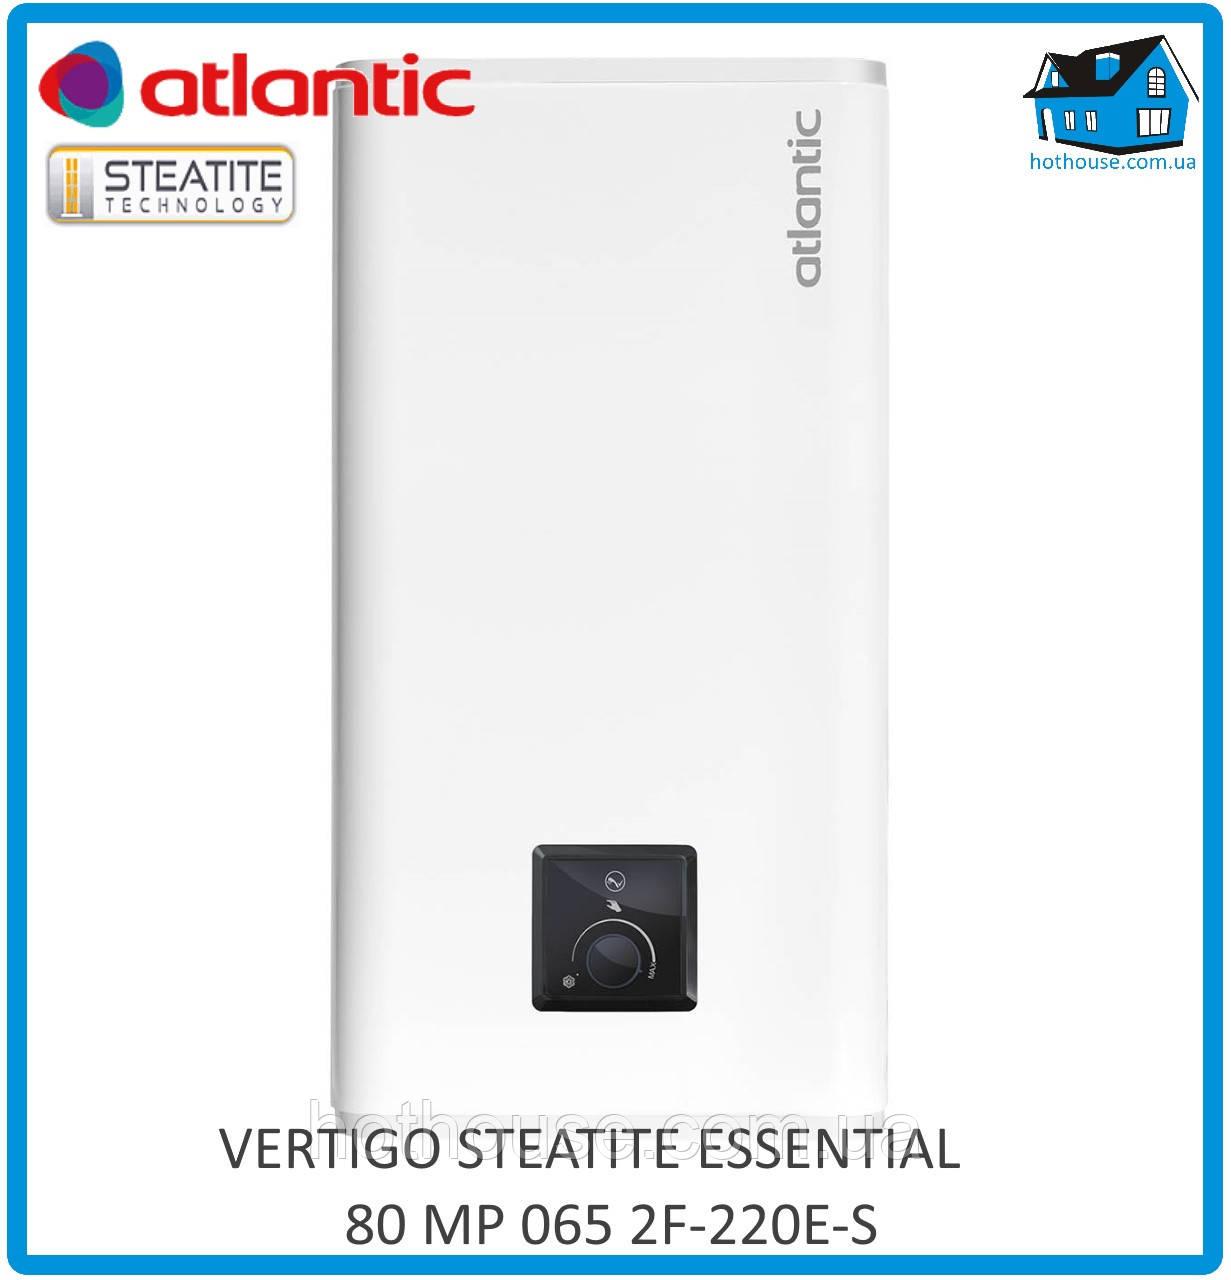 Водонагрівач Atlantic Vertigo Steatite Essential 80 MP-065 2F 220E-S